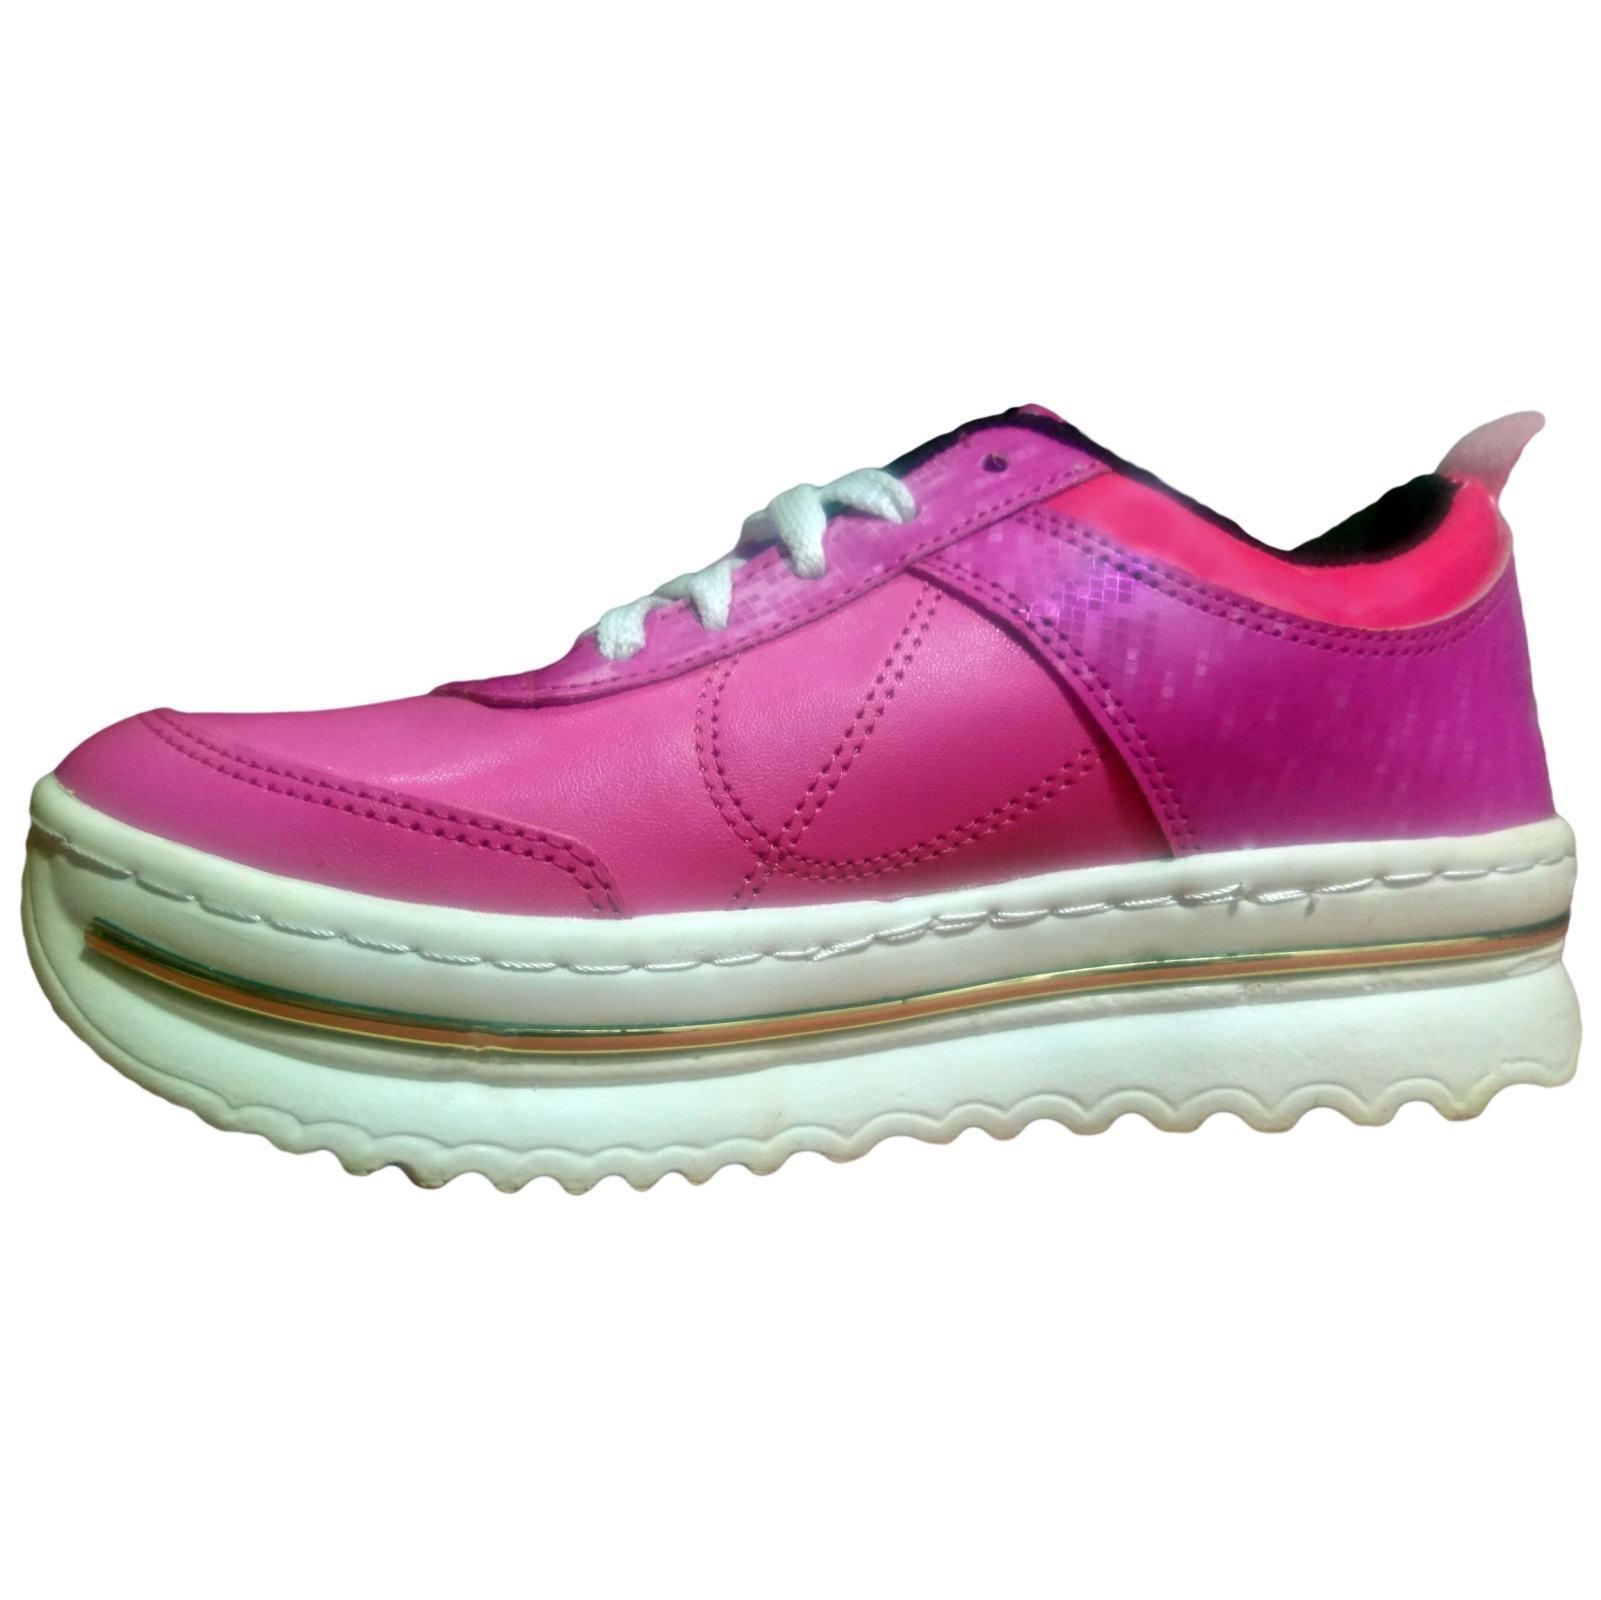 کفش DAZHI مخصوص پیاده روی زنانه کد 02